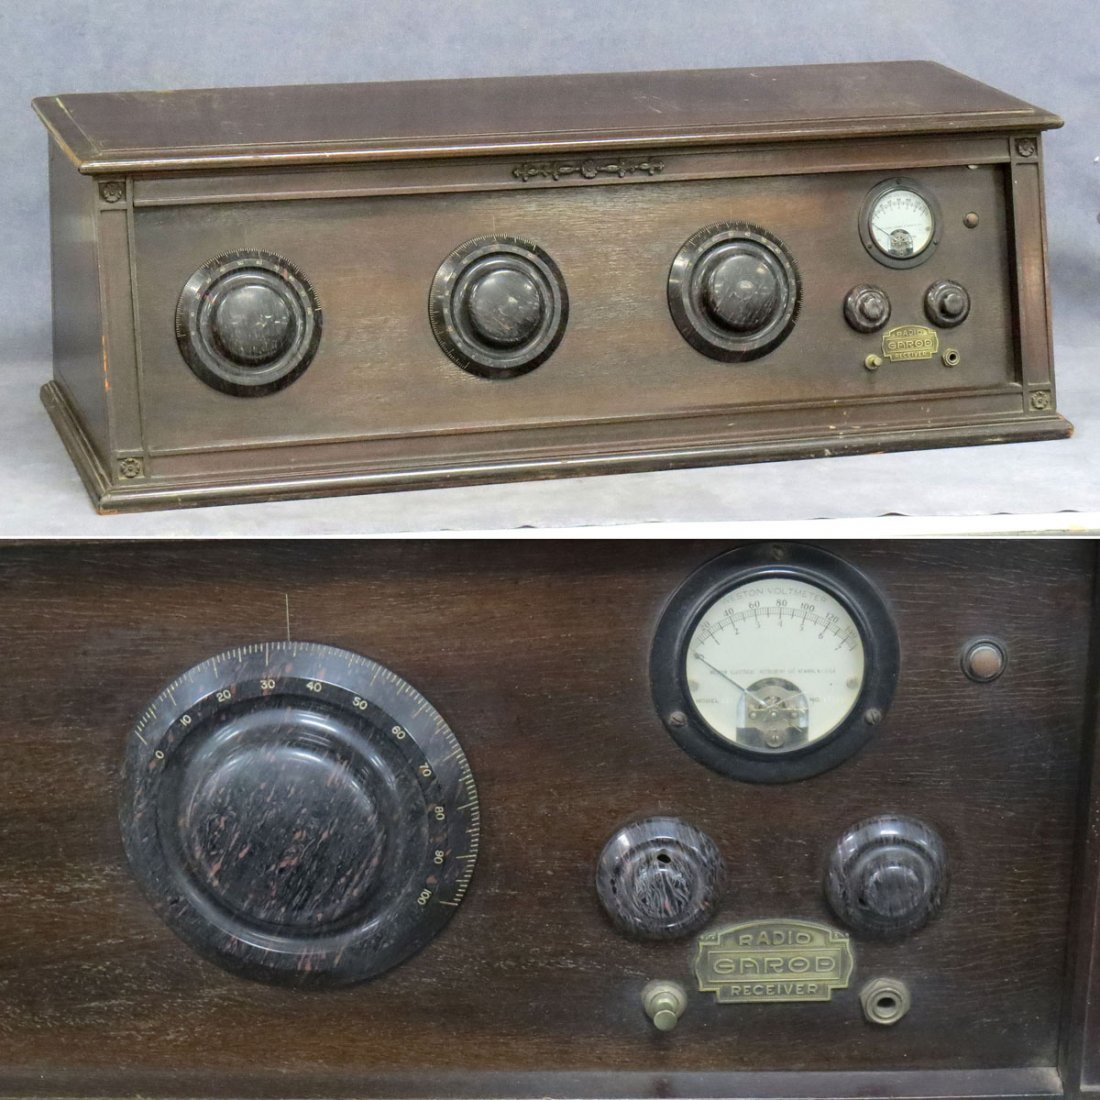 GAROD MODEL V NEUTRODYNE 5-TUBE BATTERY RADIO